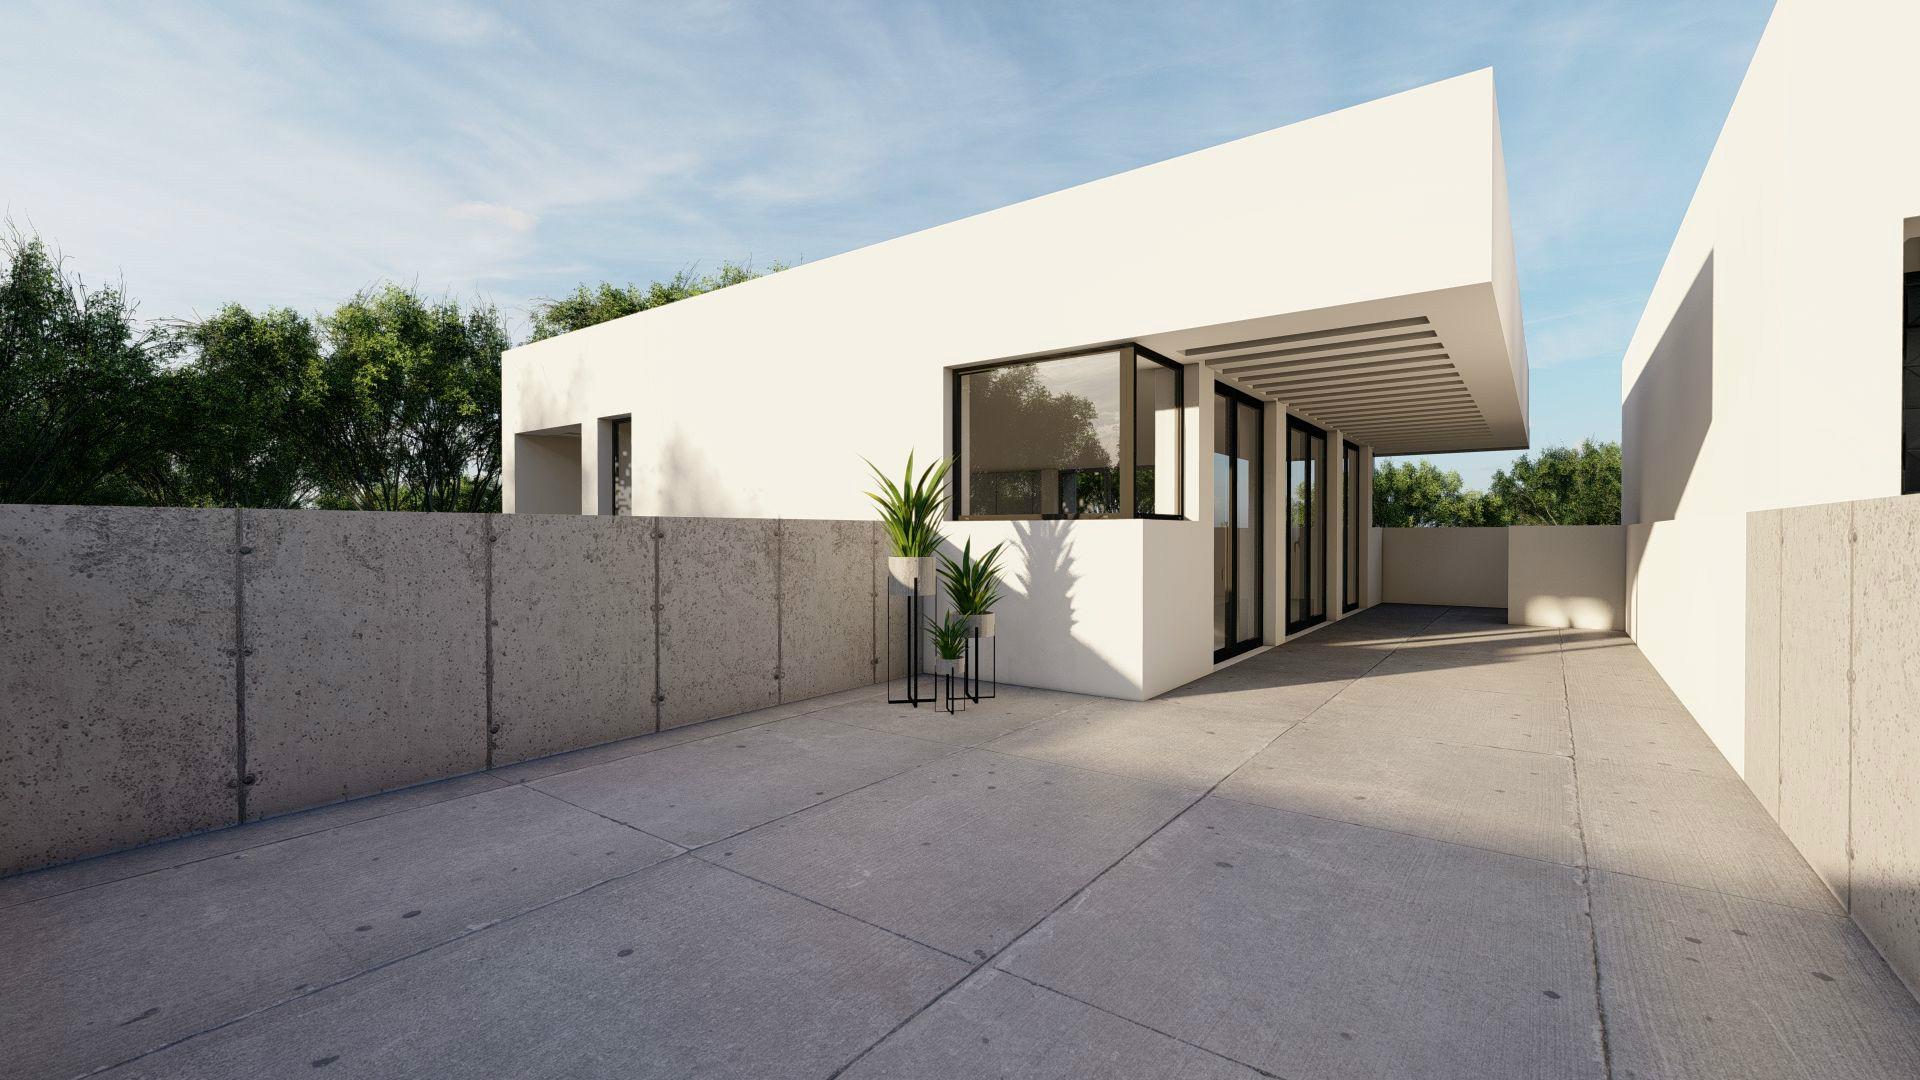 Moradias Isoladas; 4 Suites Luxo